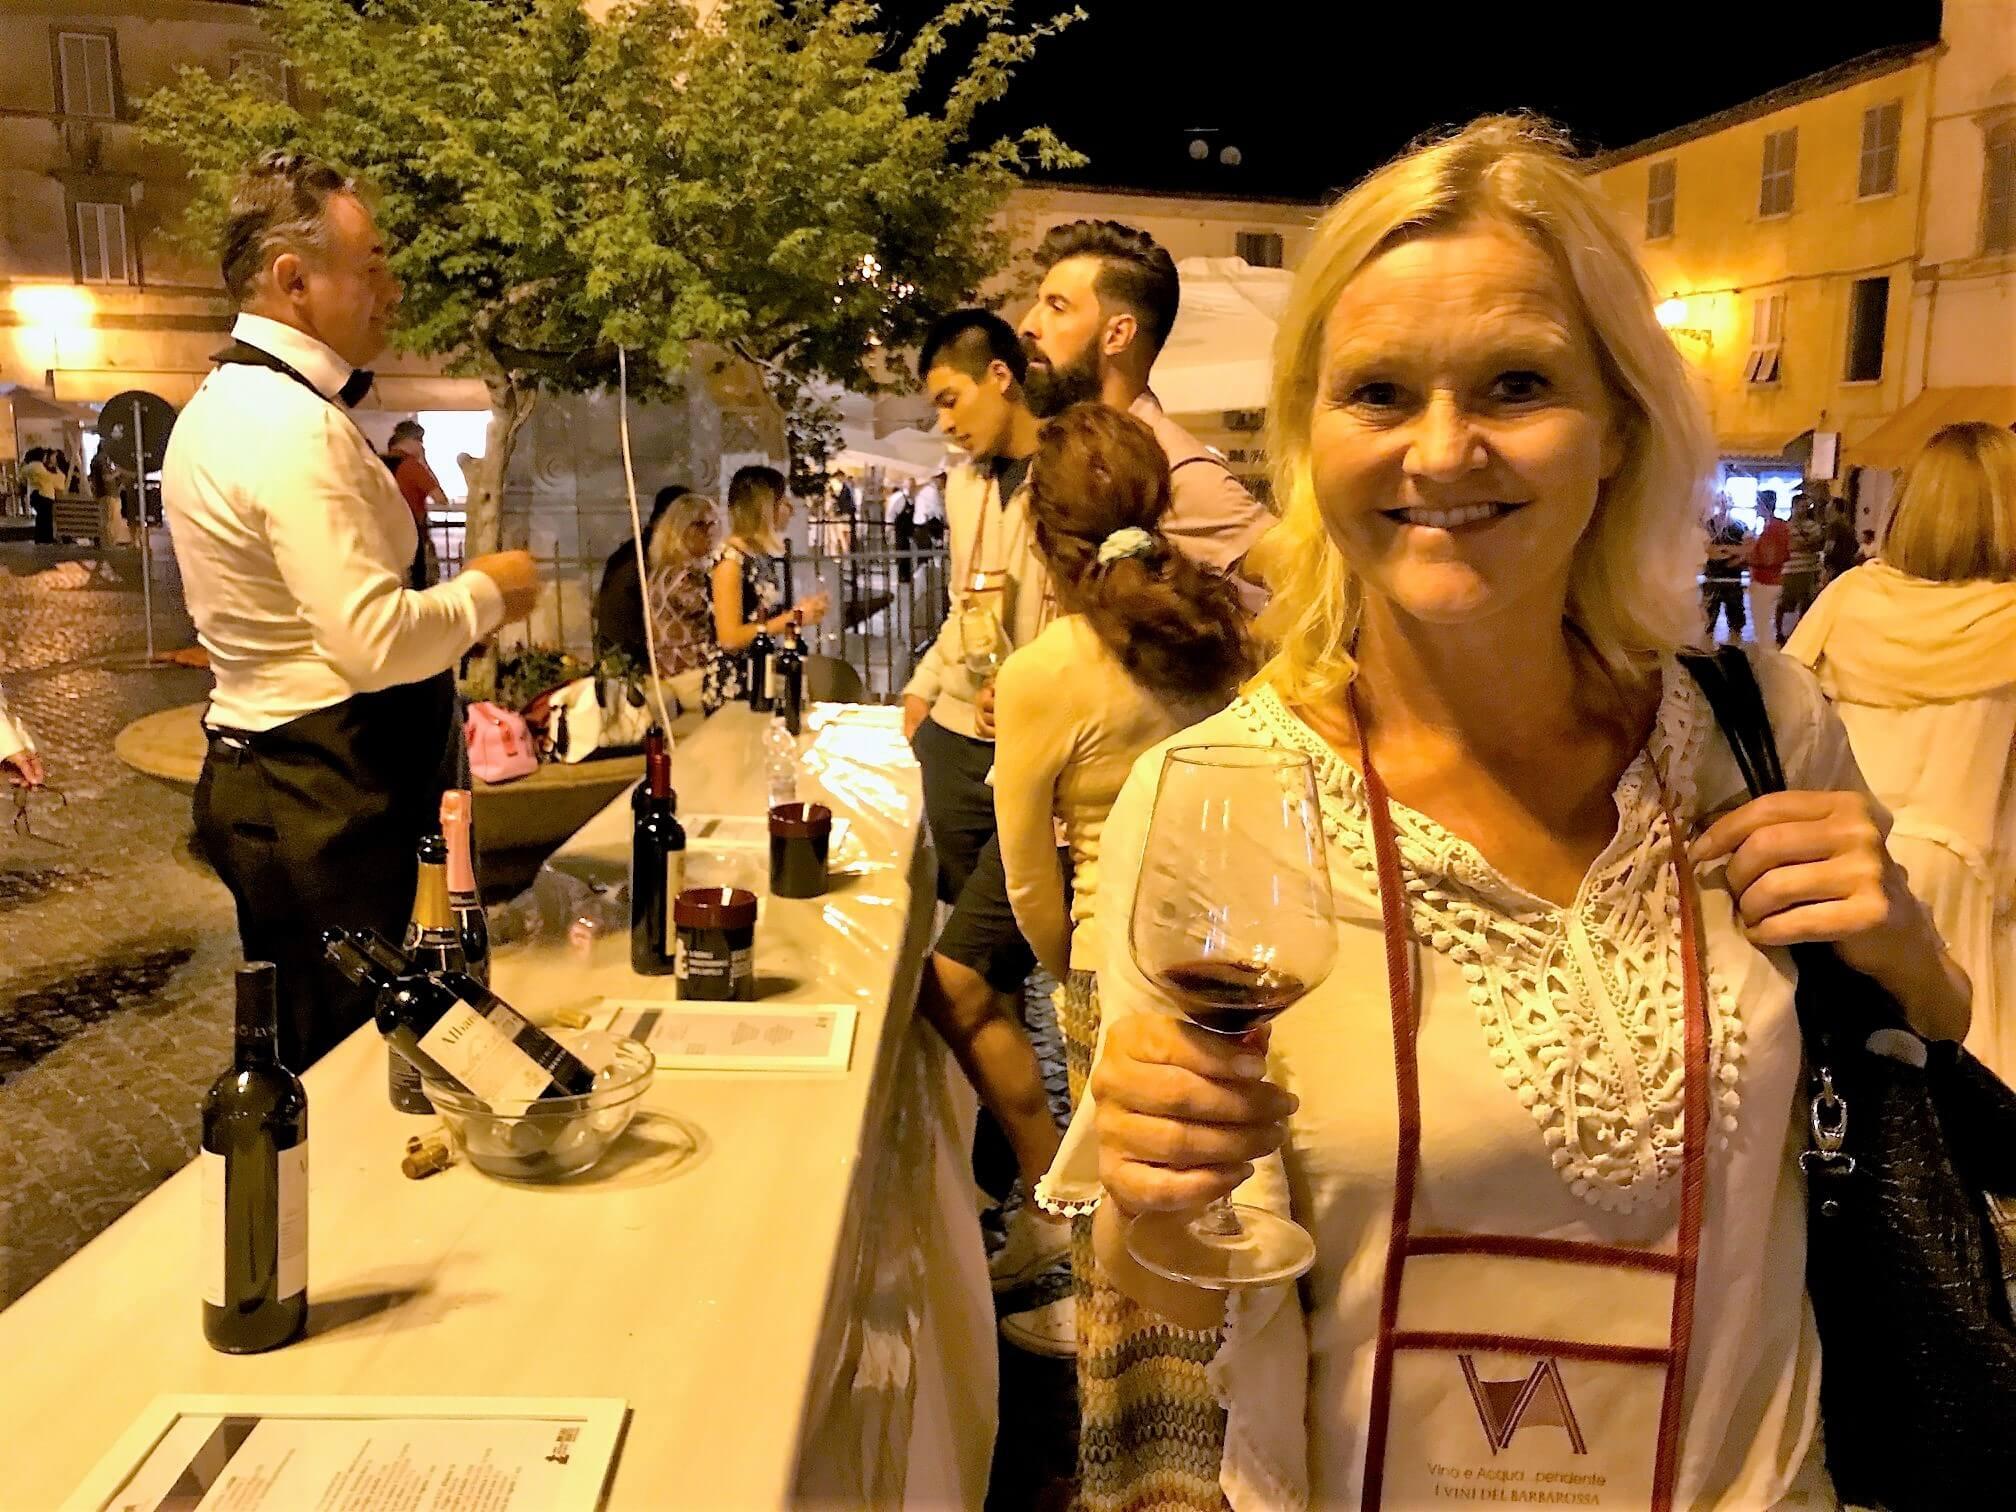 Vinfestival i landsbyen – beste vin?